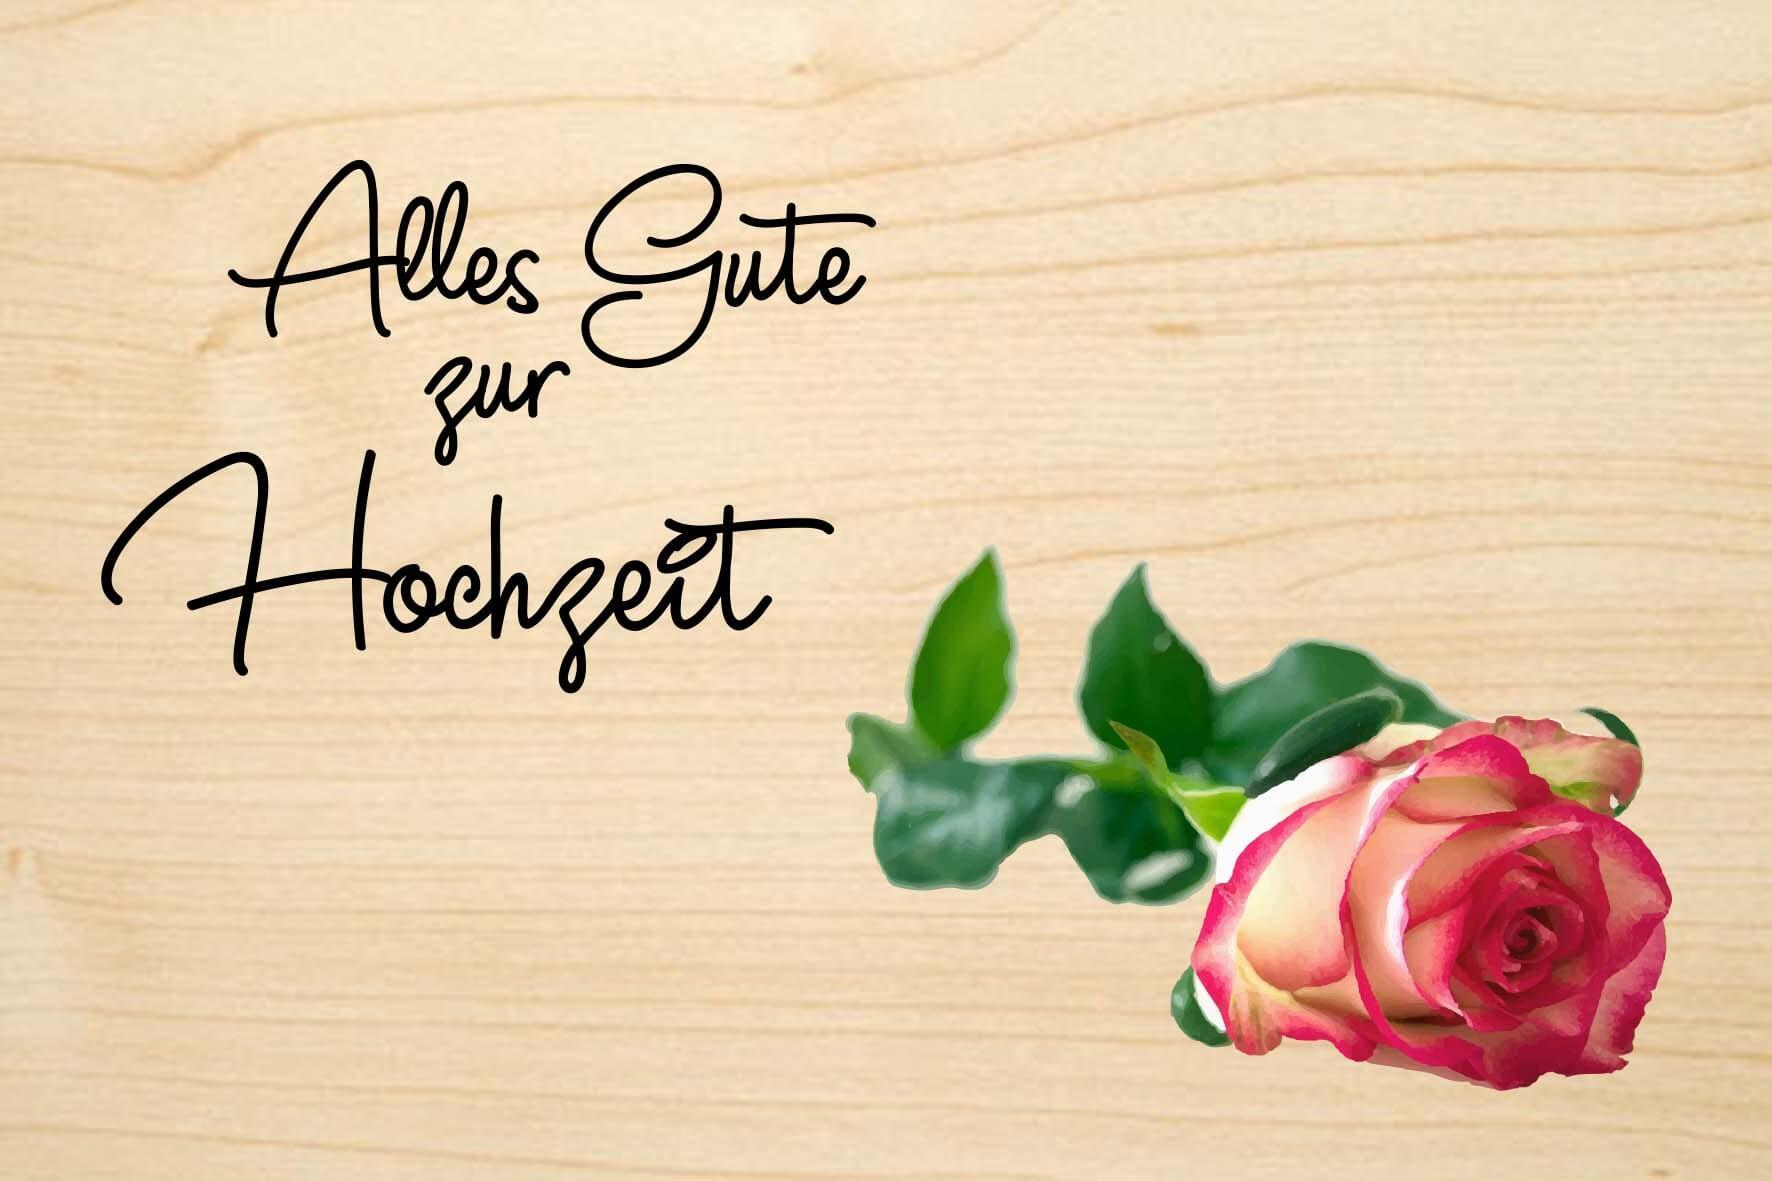 Holzgrusskarte: Alles Gute zur Hochzeit. Farbige Rose